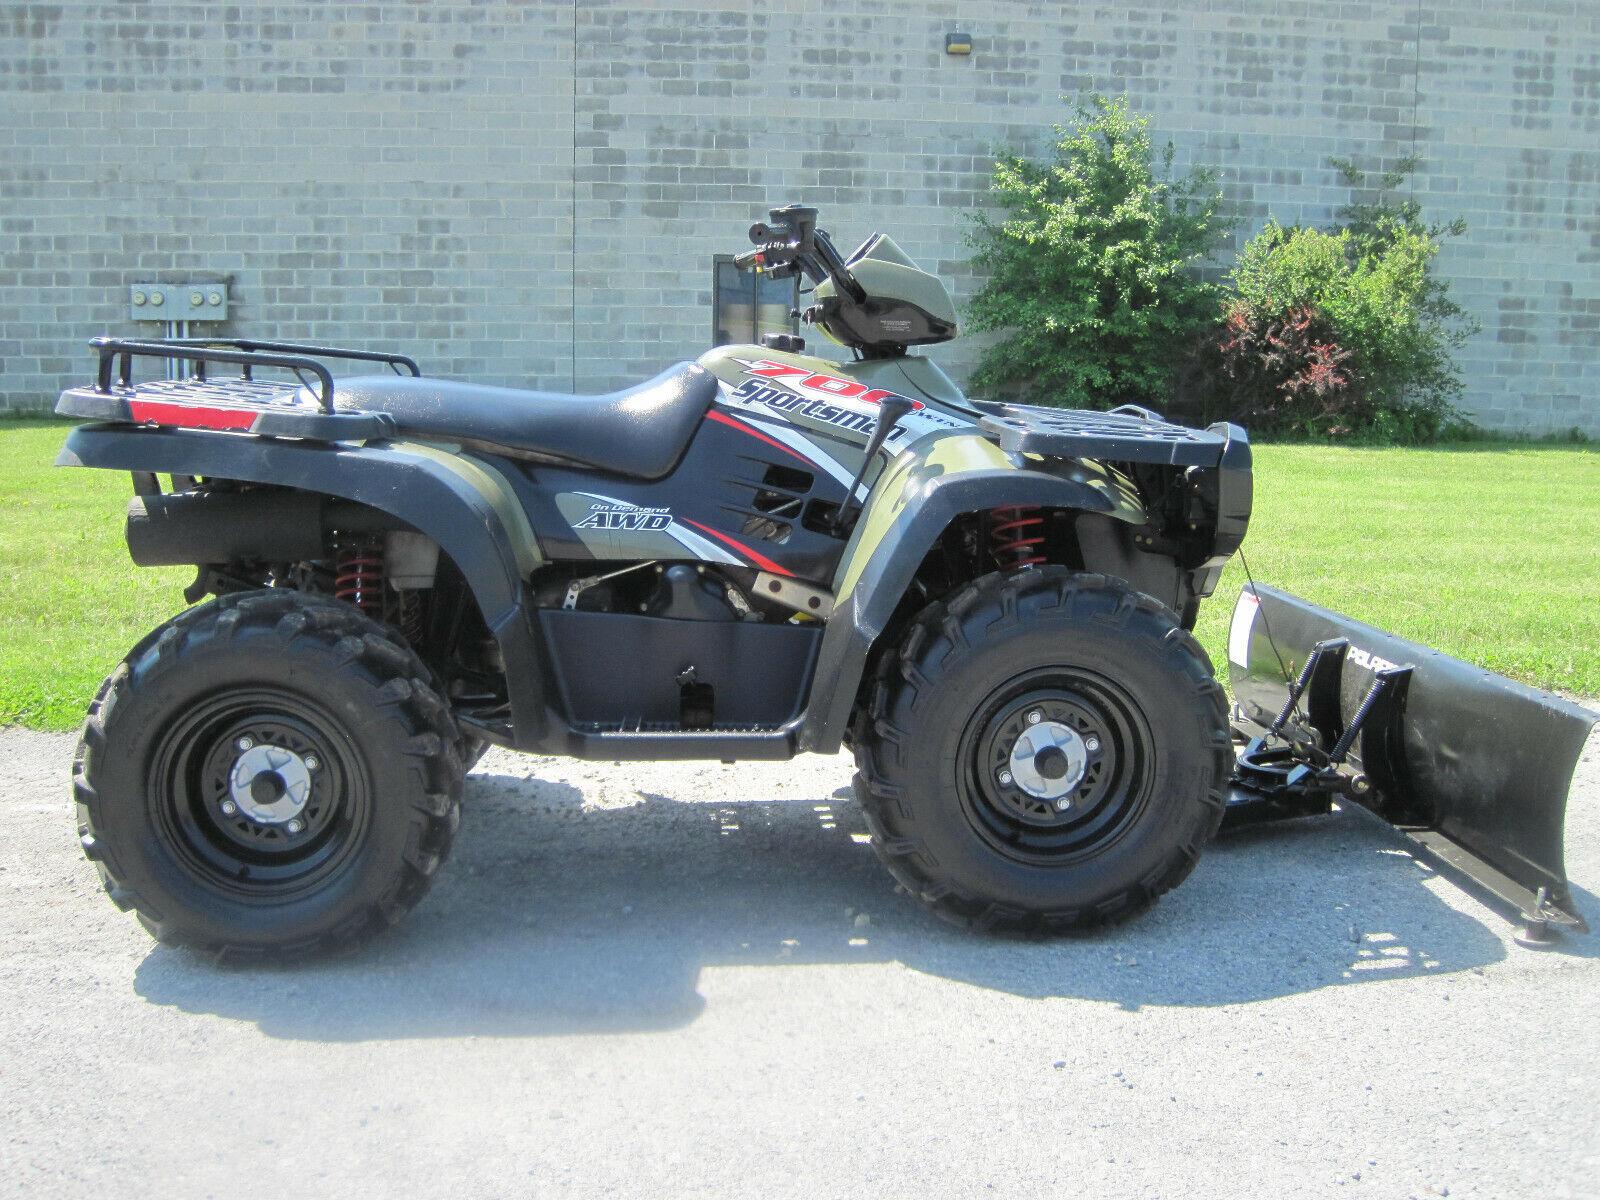 2004 POLARIS SPORTSMAN 700 TWIN HO 4X4 LOW MILES CHEAP SHIPING XP ATV PLOW WINCH